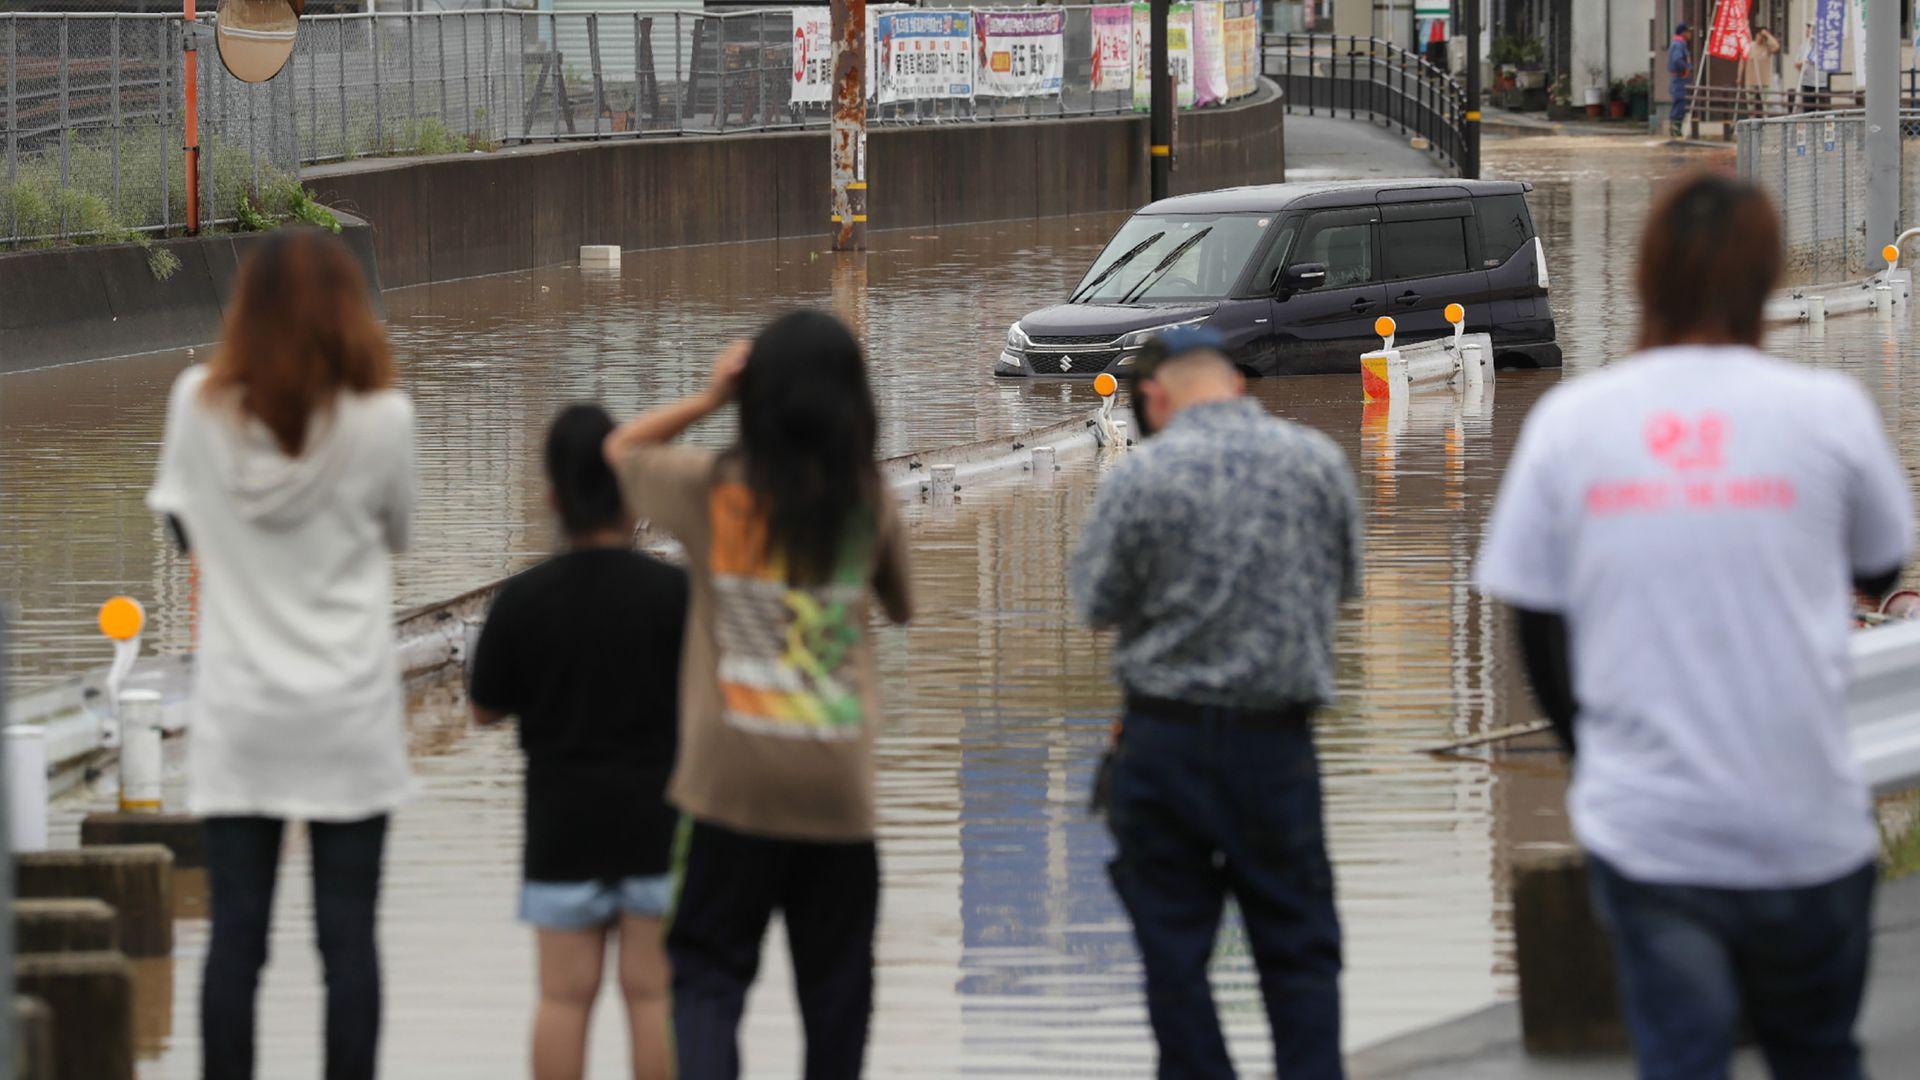 A car sitting on a flooded street.